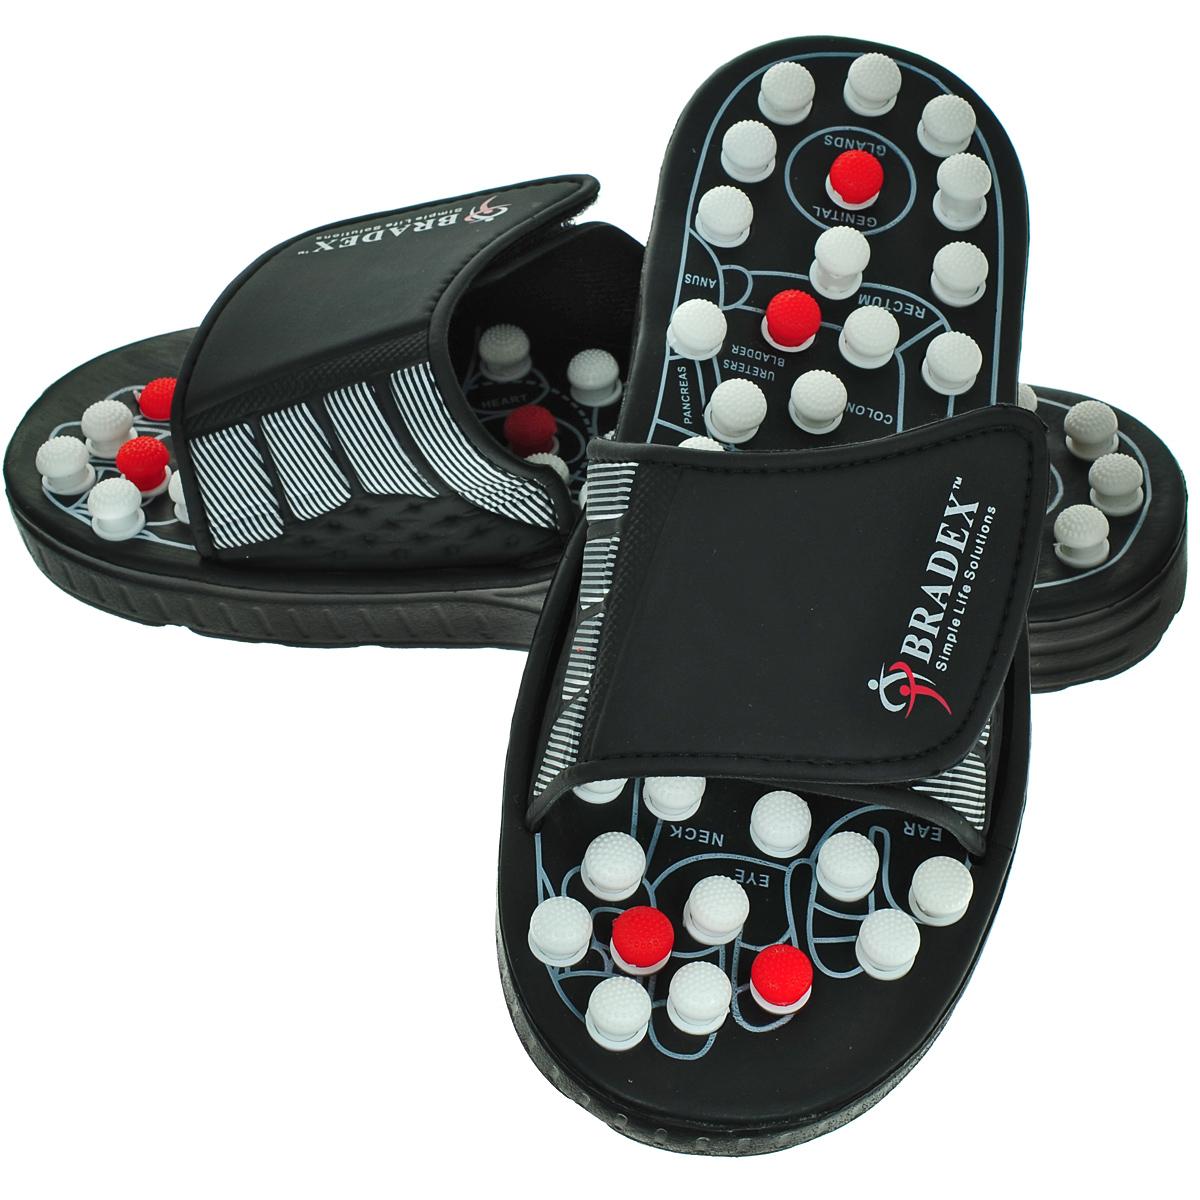 Тапочки рефлекторные Bradex Сила Йоги Про. Размер 40-41KZ 0185Массажная обувь - это простой, удобный, доступный и эффективный способ воплотить в жизнь стремление к заботе о своем здоровье, ведь акупунктурные точки, сконцентрированные на стопах, неразрывно связаны со всеми внутренними органами. Стелька рефлекторных тапочек Сила Йоги Про имеет уникальную форму. Благодаря специальным шипам с ребристой поверхностью, которые одновременно нажимаются и поворачиваются на 90 градусов при ношении тапочек, выполняется массаж всех биологических активных точек стопы, а через подошвенную рефлекторную зону его оздоровительное воздействие распространяется на весь организм. Работая по принципу массажа стоп, основанному на древнекитайской традиционной медицине, рефлекторные тапочки Сила Йоги Про при длительном и регулярном применении обеспечат Вам прямой путь к крепкому здоровью и долголетию. Вы получите бесценную инвестицию в собственное здоровье за символическую плату. 20 минут ежедневного массажа: 1. Усиливает обменные процессы. 2. Повышает иммунитет. 3. Благотворно влияет на периферическую и центральную нервную систему. 4. Снимает мышечную усталость и повышает мышечный тонус. 5. Снижает подверженность стрессу. 6. Оказывает общее расслабляющее действие. 7. Обеспечивает здоровый сон. 8. Совершенствует фигуру. 9. Замедляет процессы старения. Рефлекторные тапочки Сила Йоги Про особенно рекомендуются: - Людям, достигшим среднего и преклонного возраста. - Людям со слабым здоровьем, страдающим хроническим переутомлением и регулярной бессонницей, подверженным сильным стрессам. - Работникам физического труда и сотрудникам офисов. - Людям, активно заботящимся о профилактике здоровья. Размер: 40--41. Материал: ПВХ, металл.